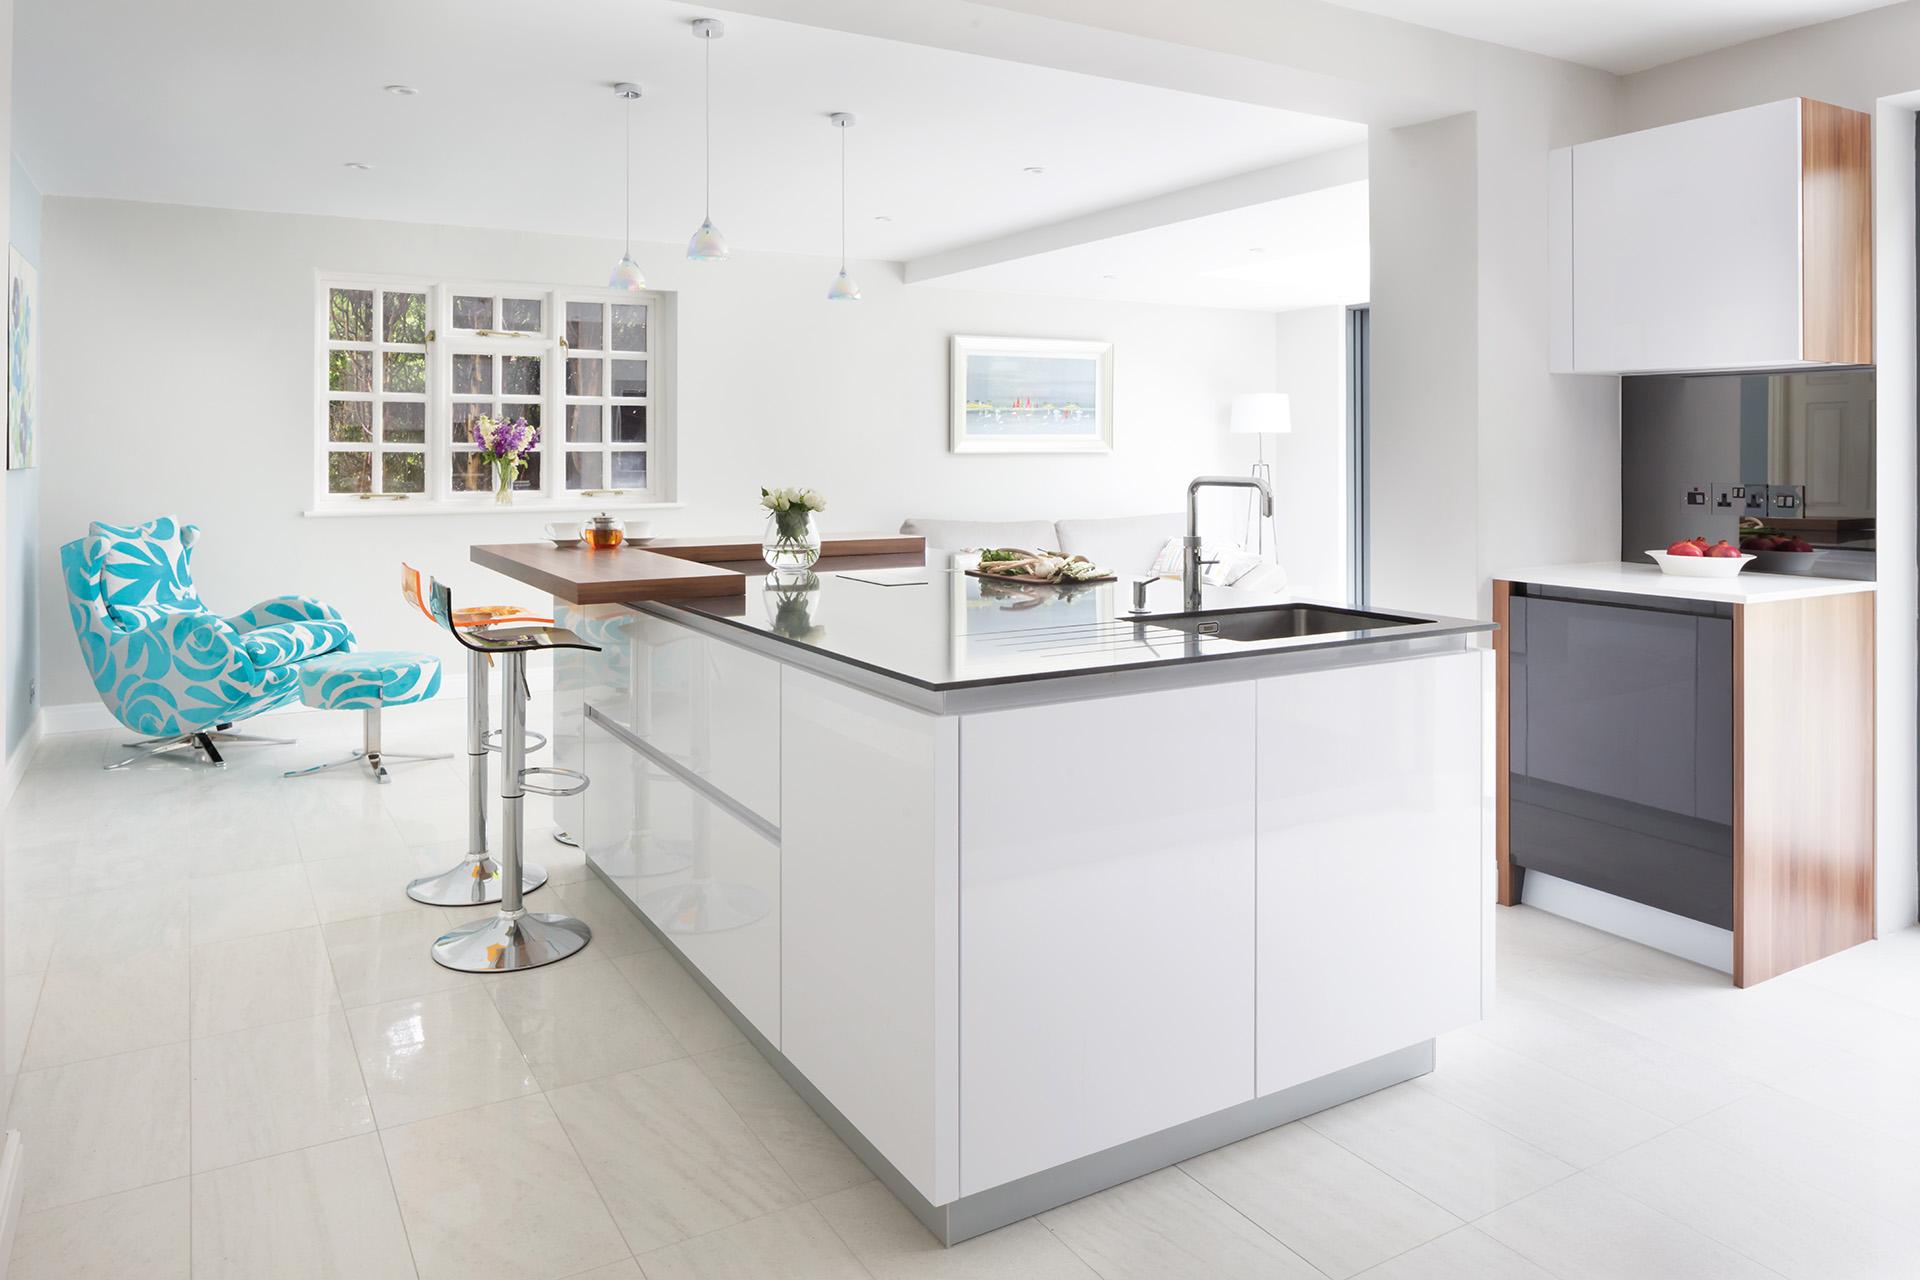 Luxury German Kitchen